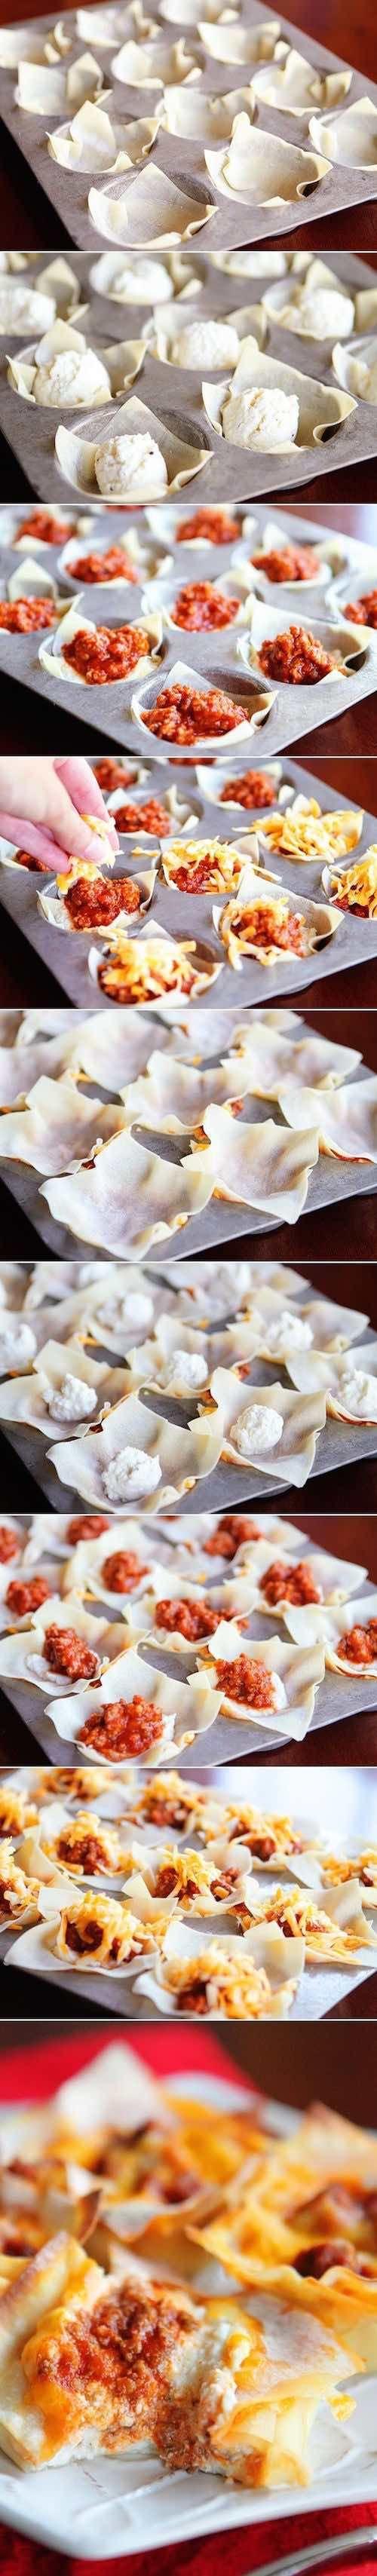 Receta de mini foods para bodas